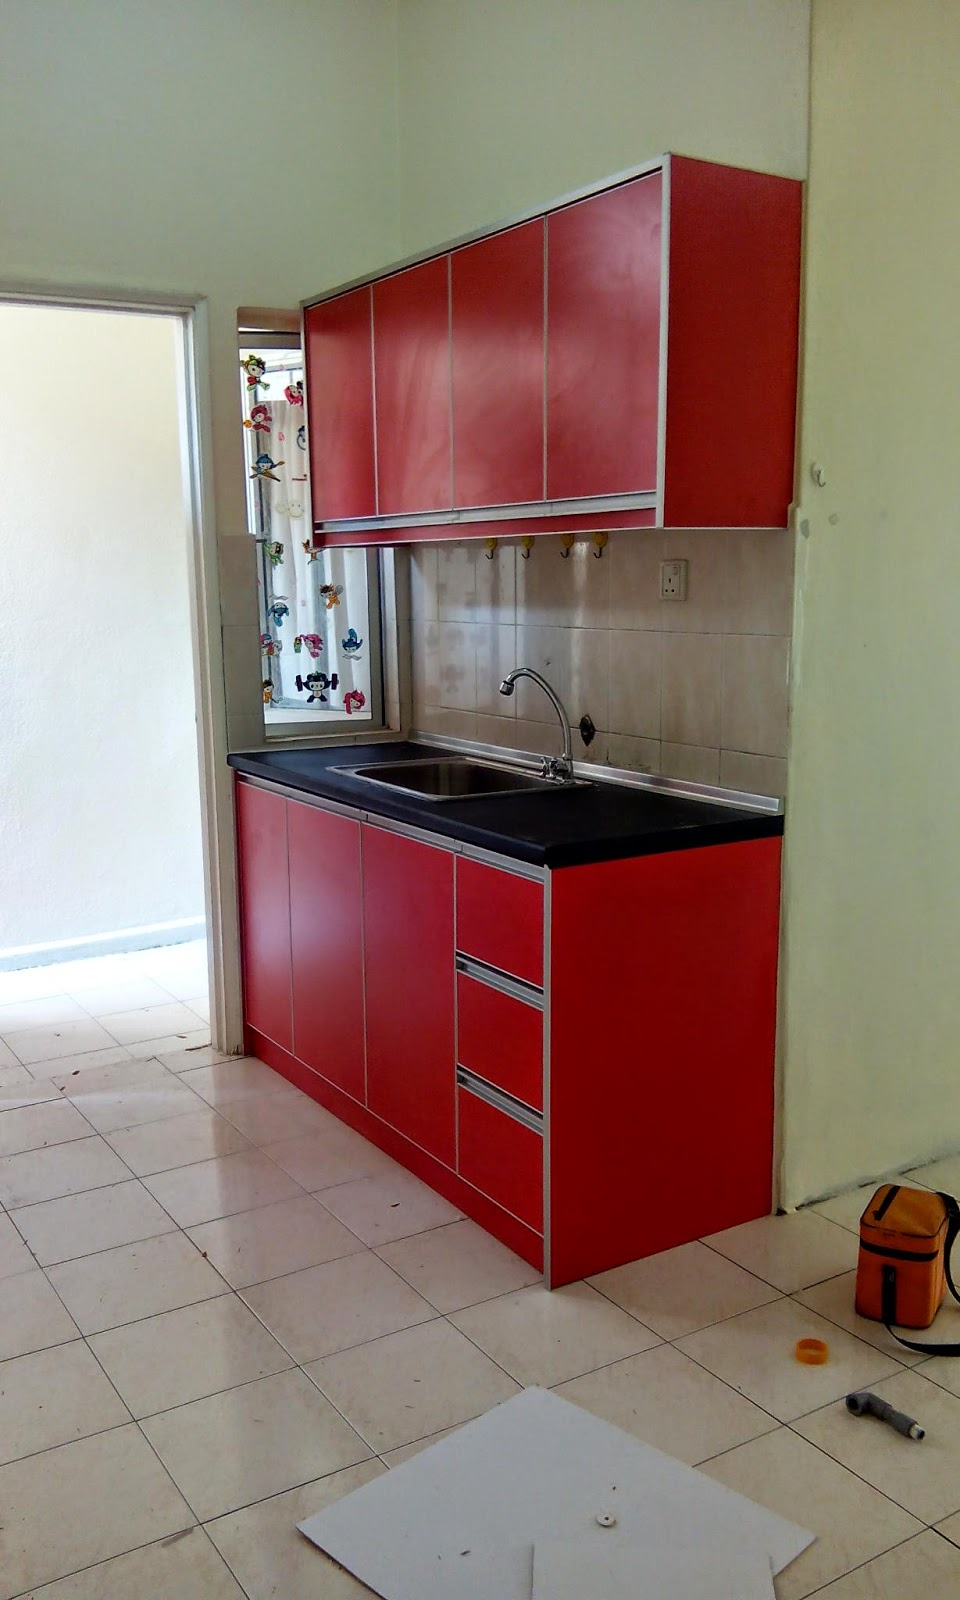 Punye Owner Bernama En Khalid Dn Puan Rina Rumah Ni Beliau Nk Sewakn Je So Diorg Pun Oder Kabinet Dapur Yg Simple